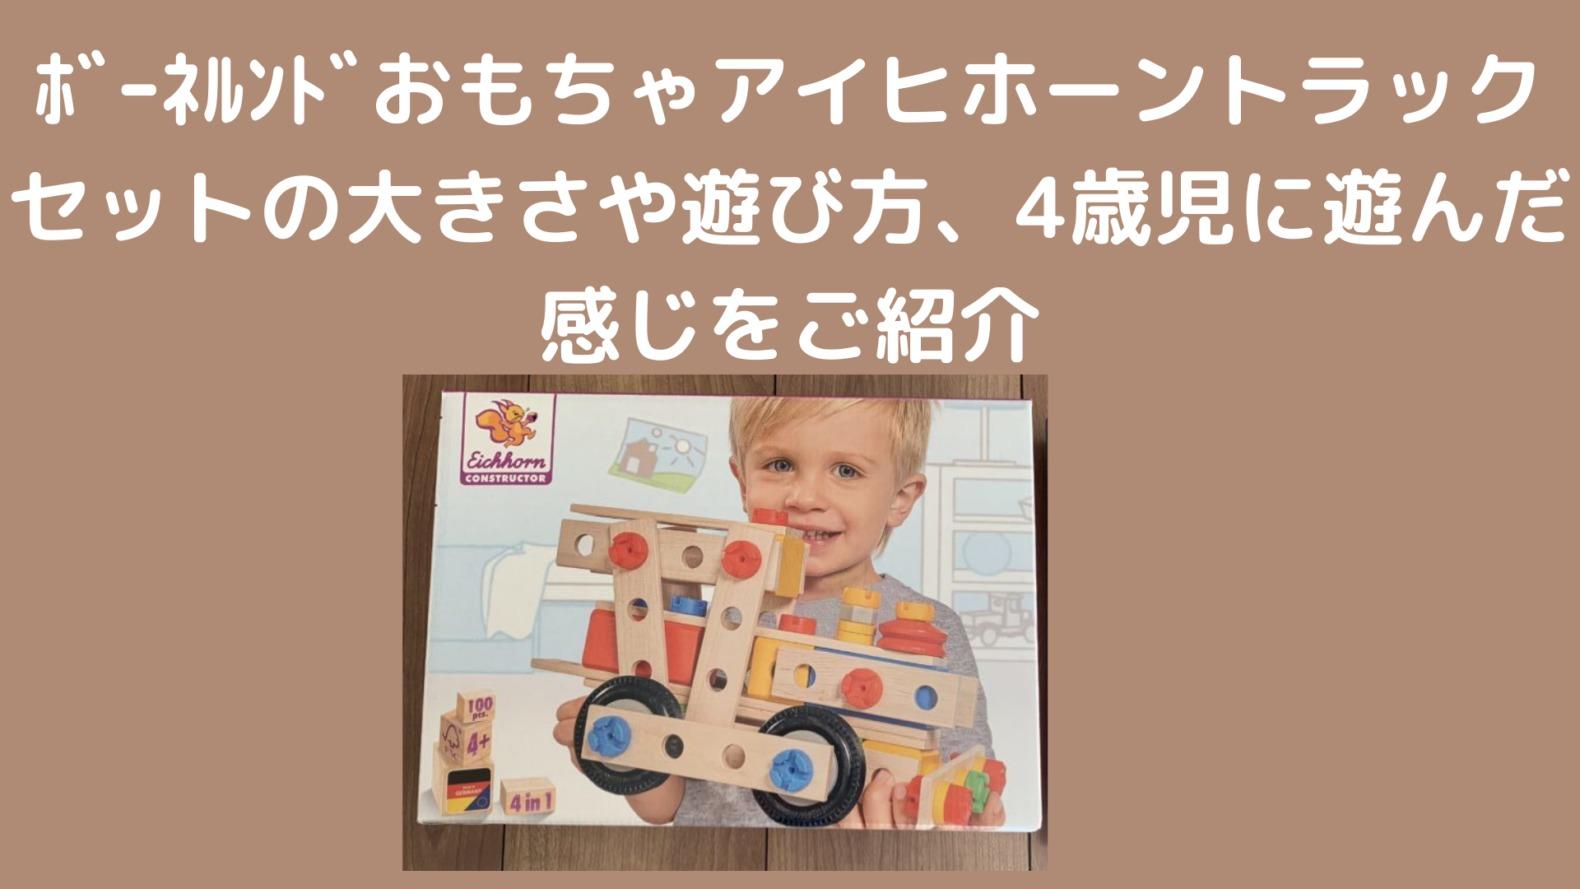 ボーネルンドおもちゃアイヒホーントラックセットの大きさや4歳児に遊んだ感じをご紹介ブログアイキャッチ画像